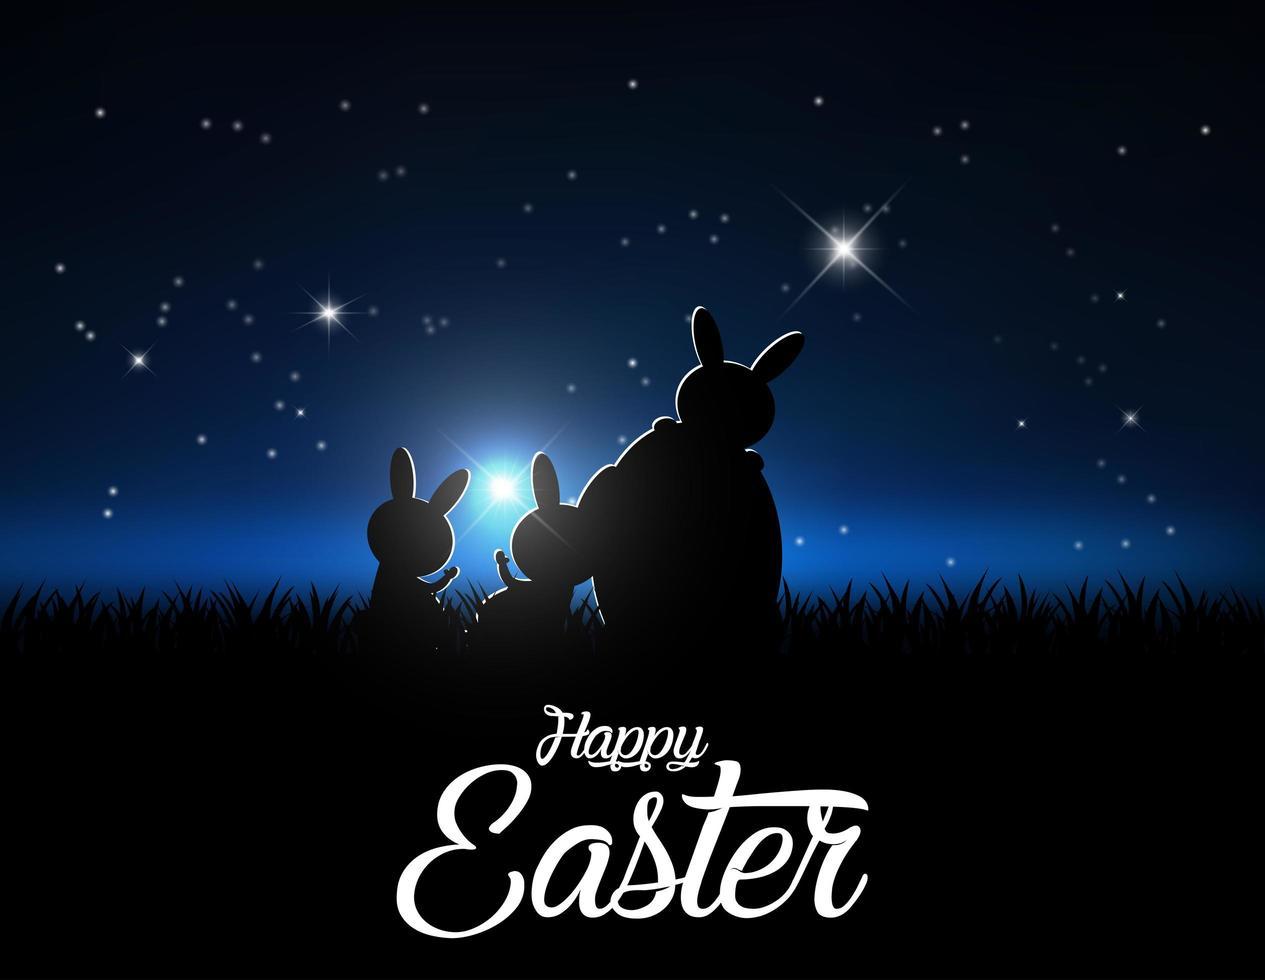 silhouetten van konijnen tegen een maanlichthemel vector